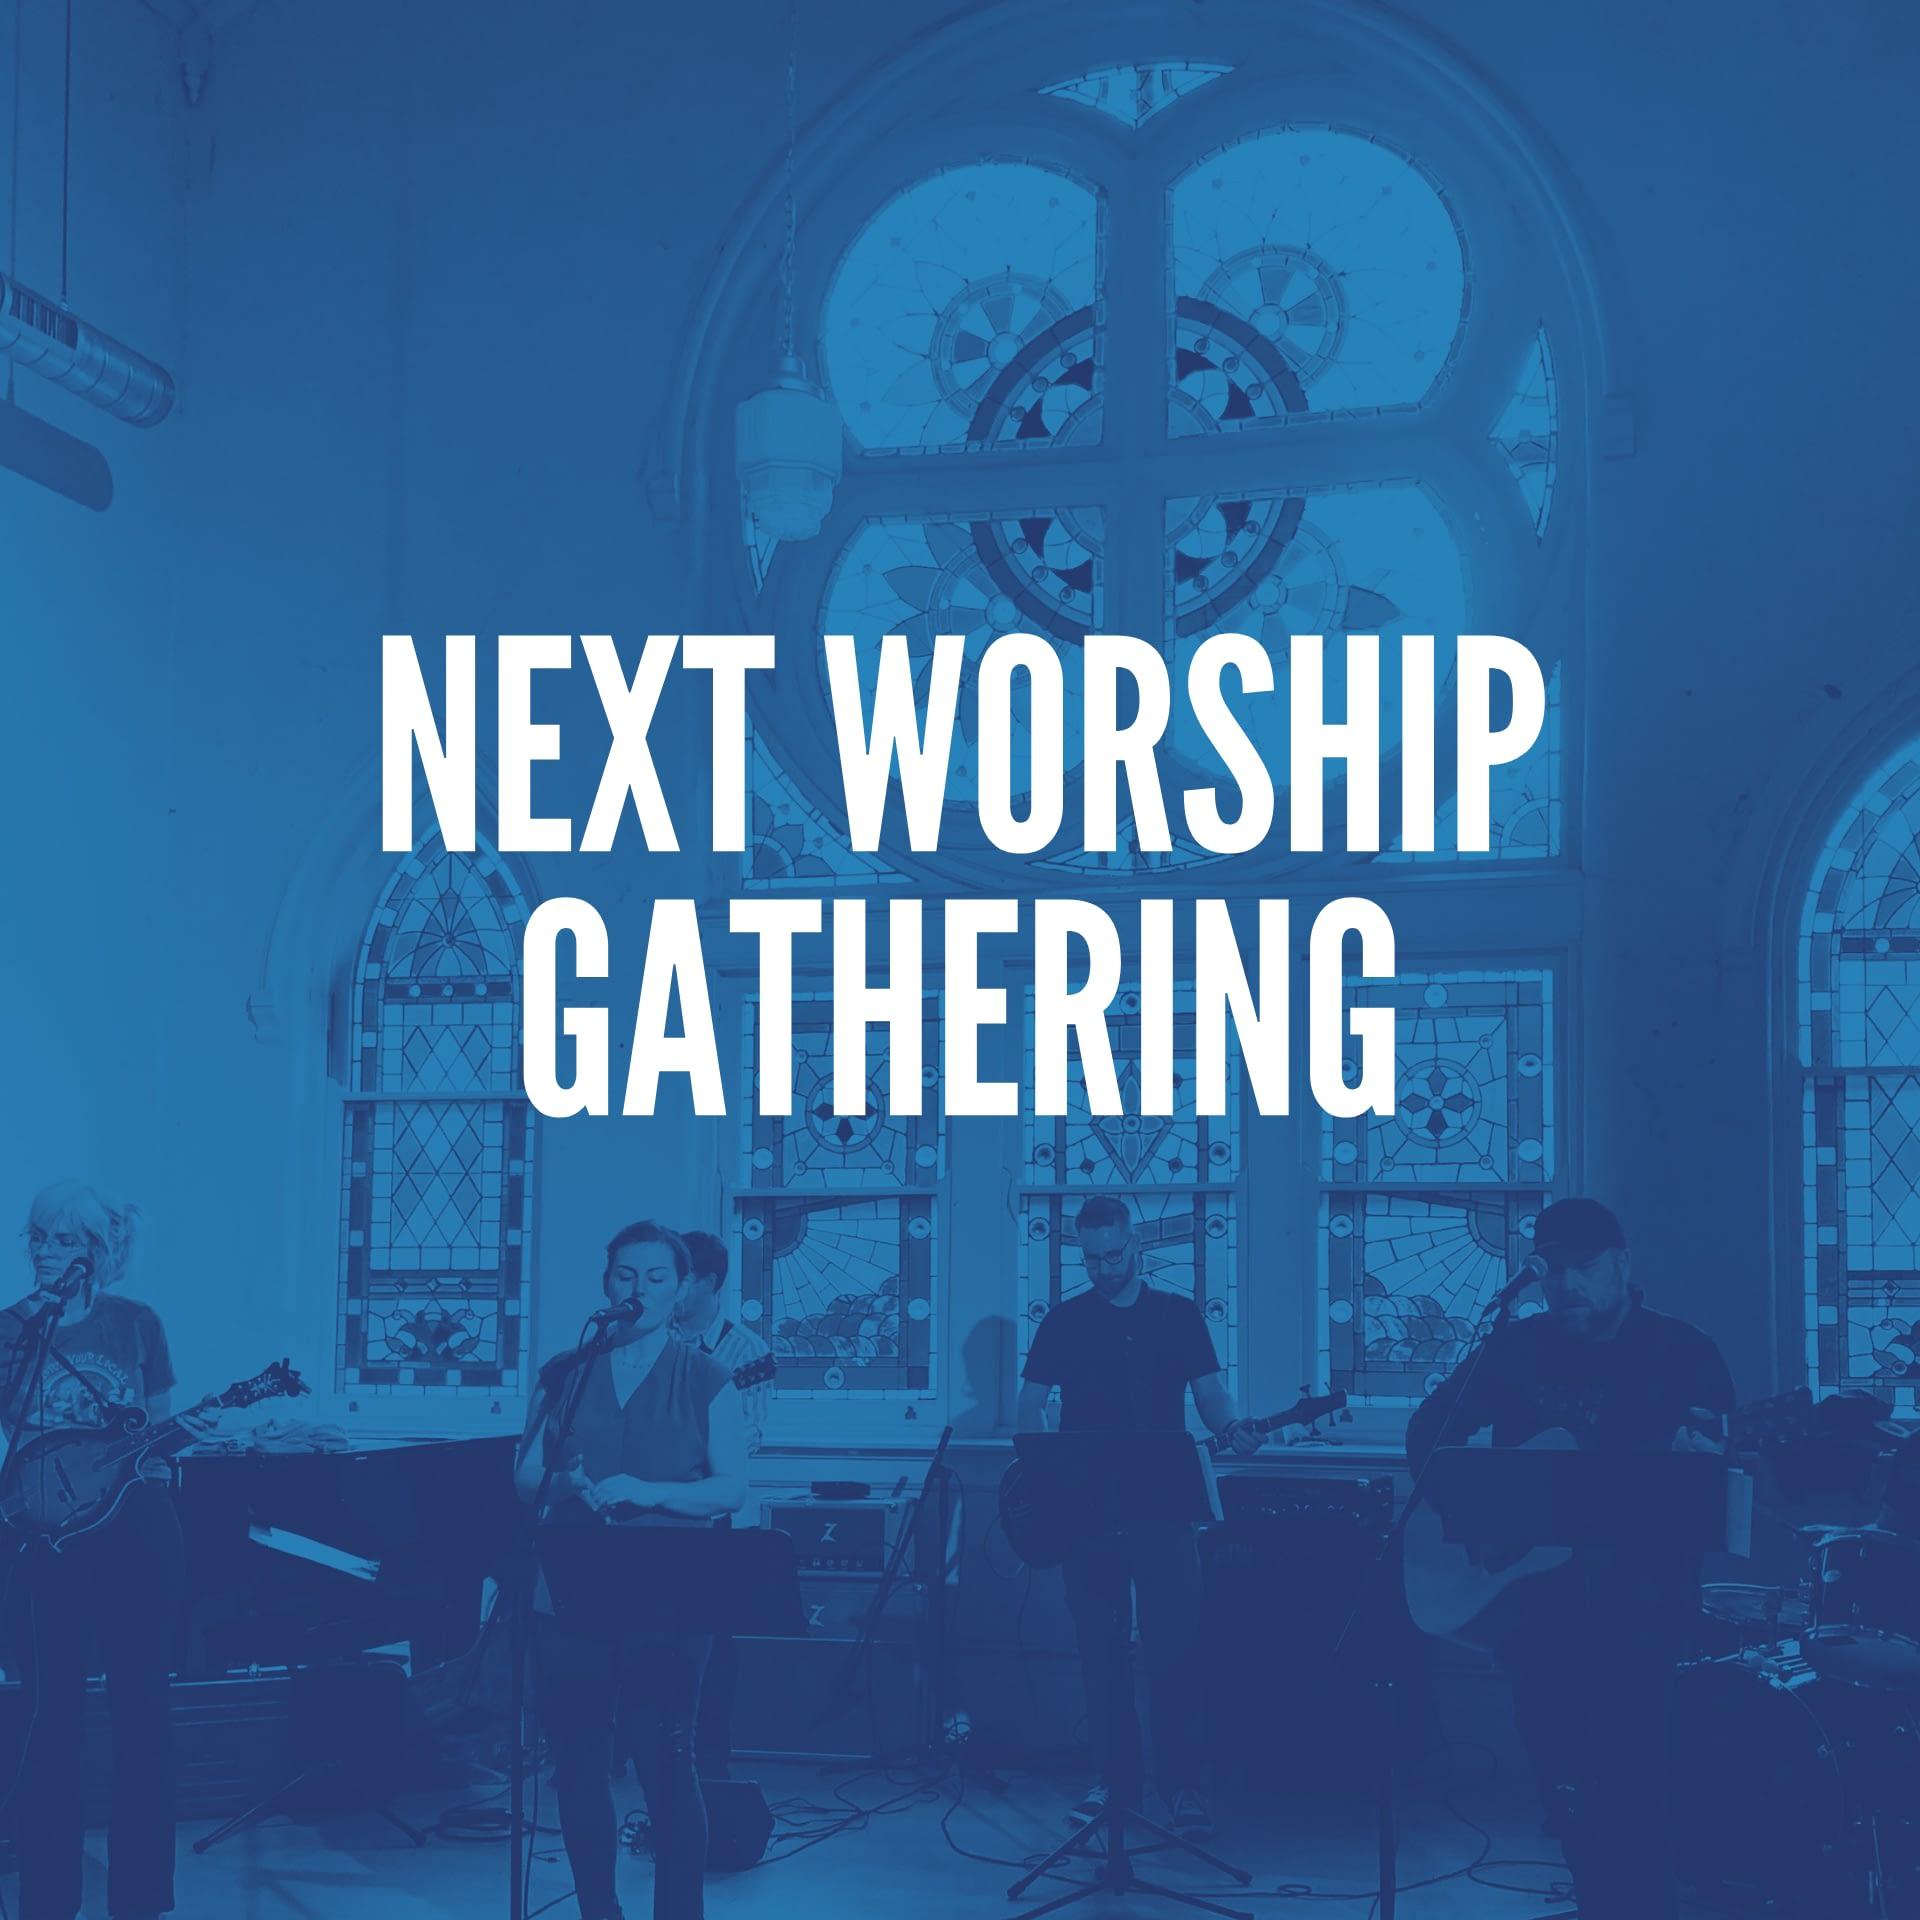 Next Worship Gathering